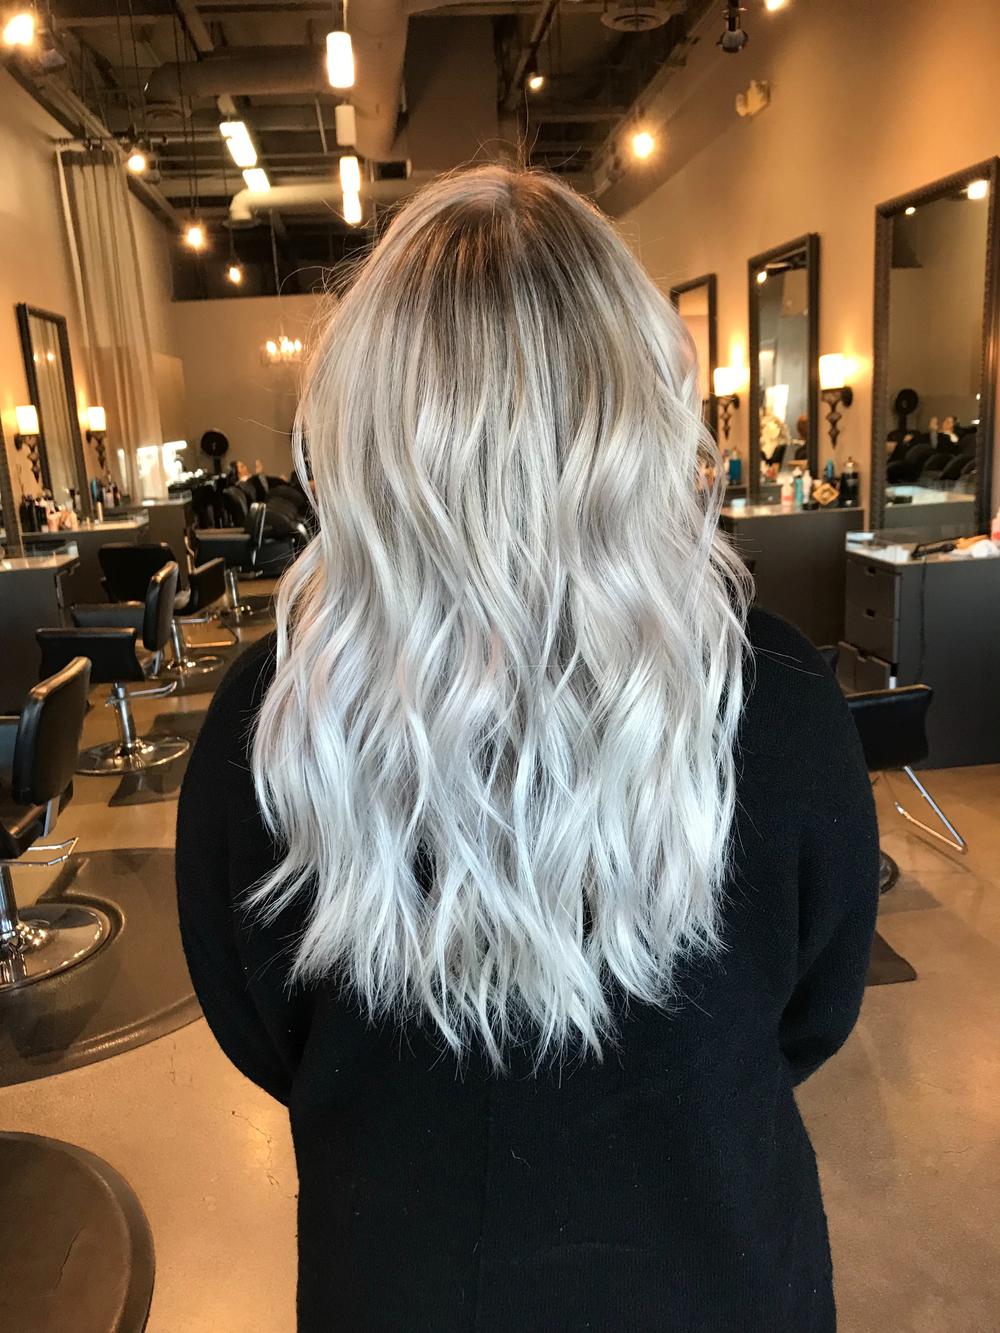 A blonde finish by Nicole Koshak